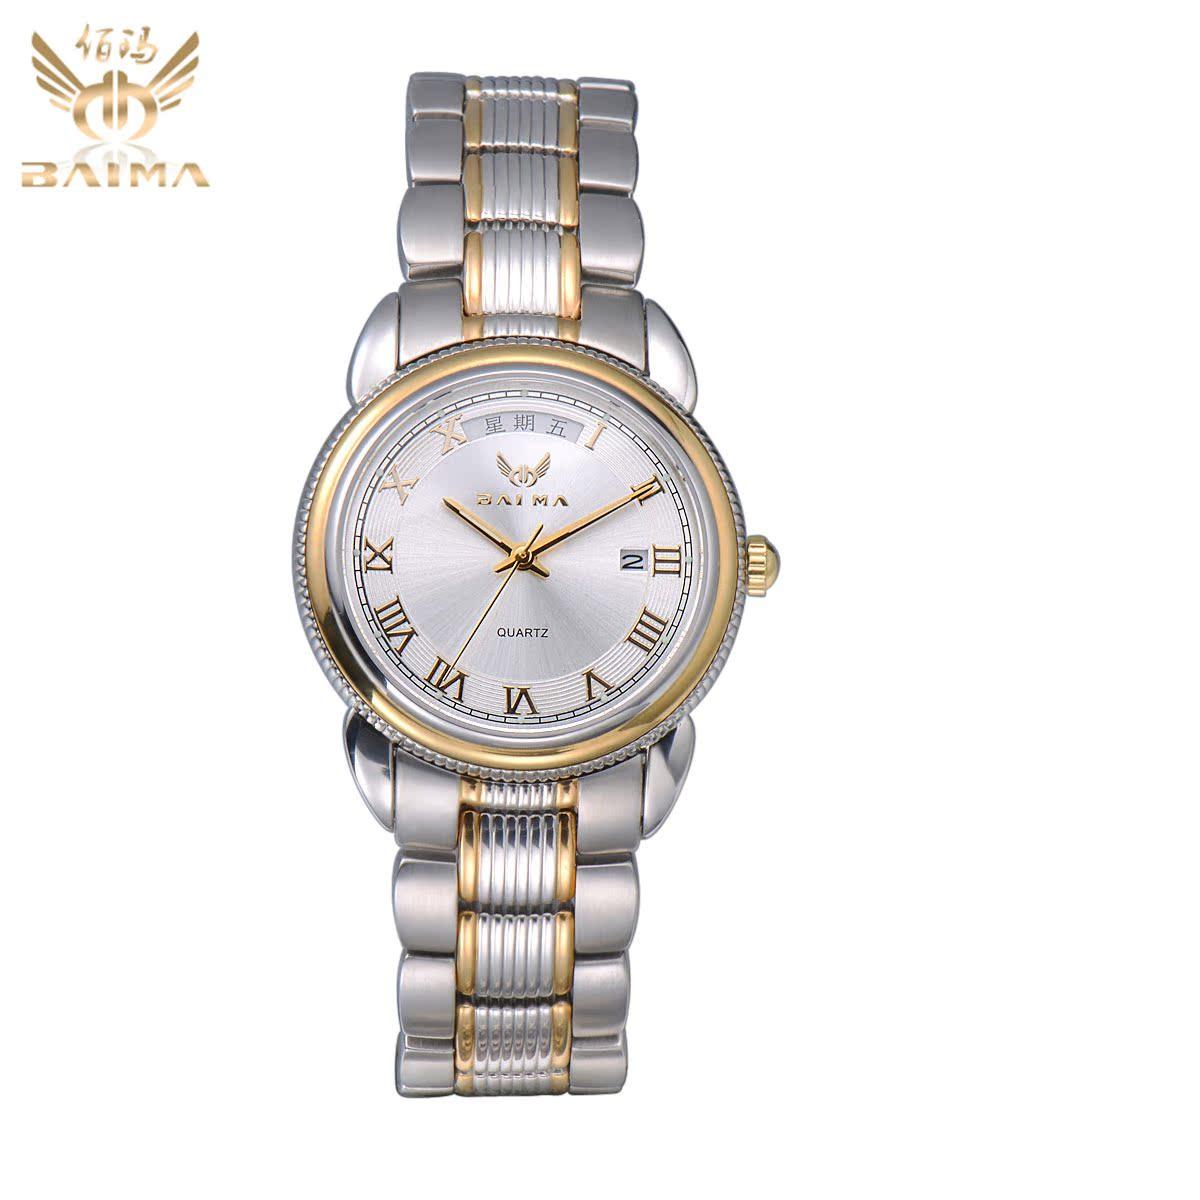 正品佰玛男装手表全国联保复古夜光双日历蓝宝石表镜腕表送礼物